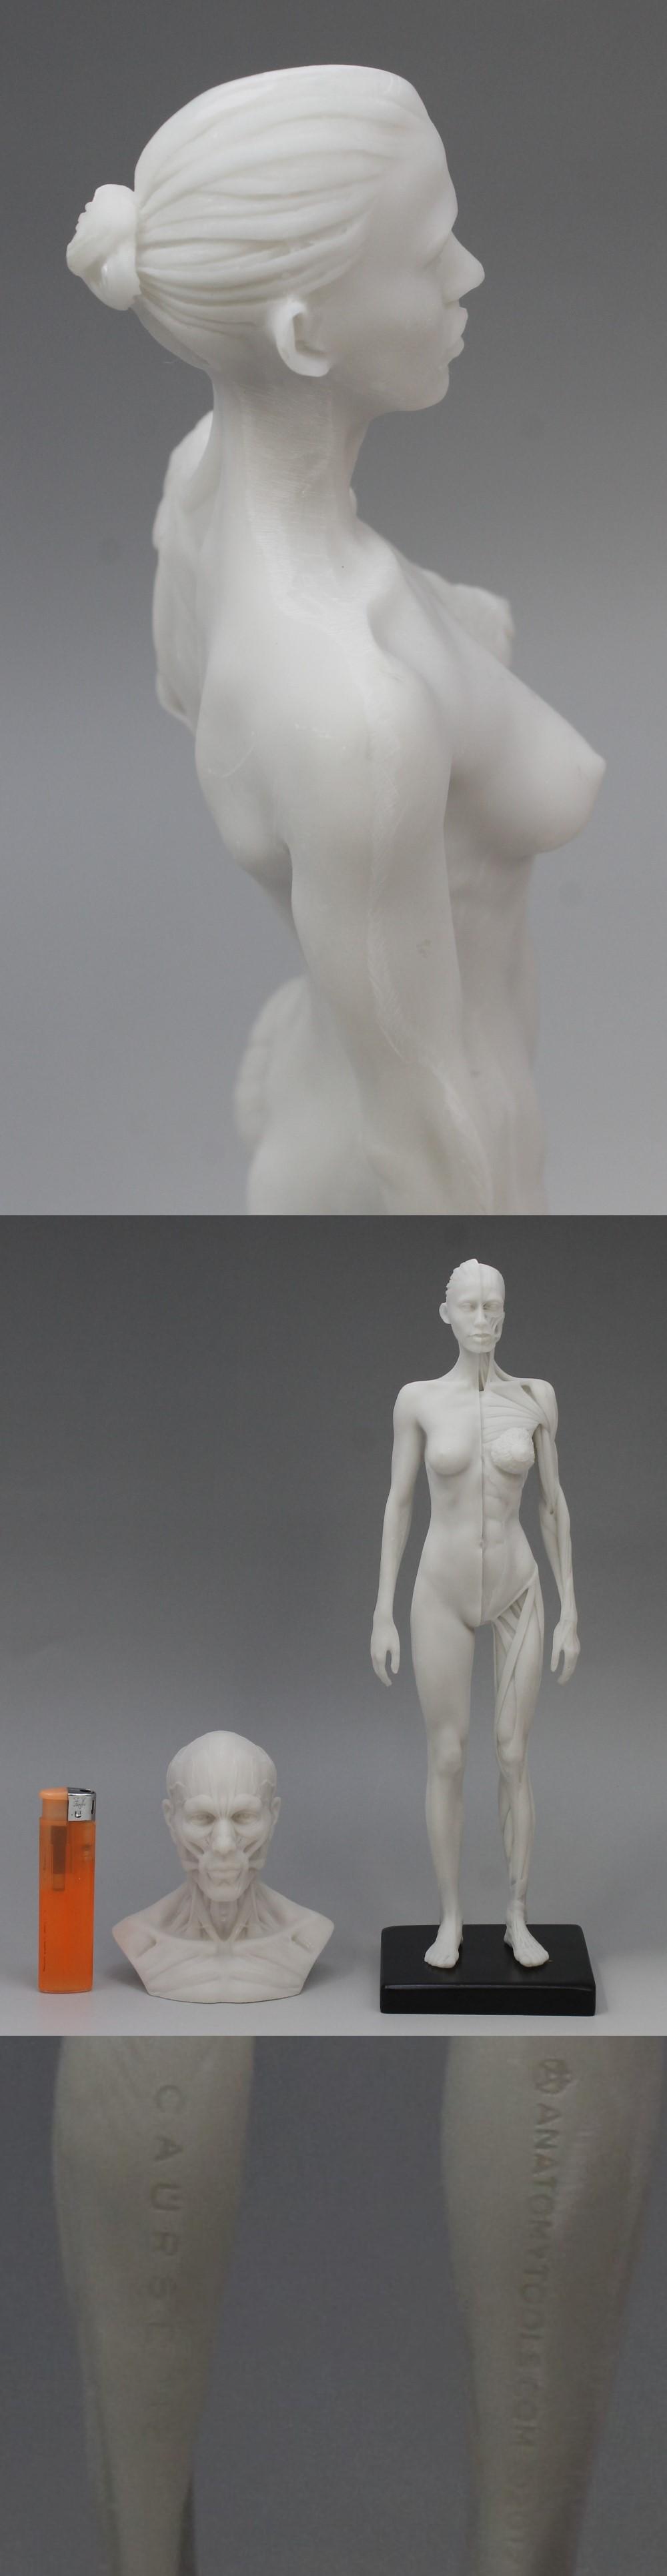 009人体模型8